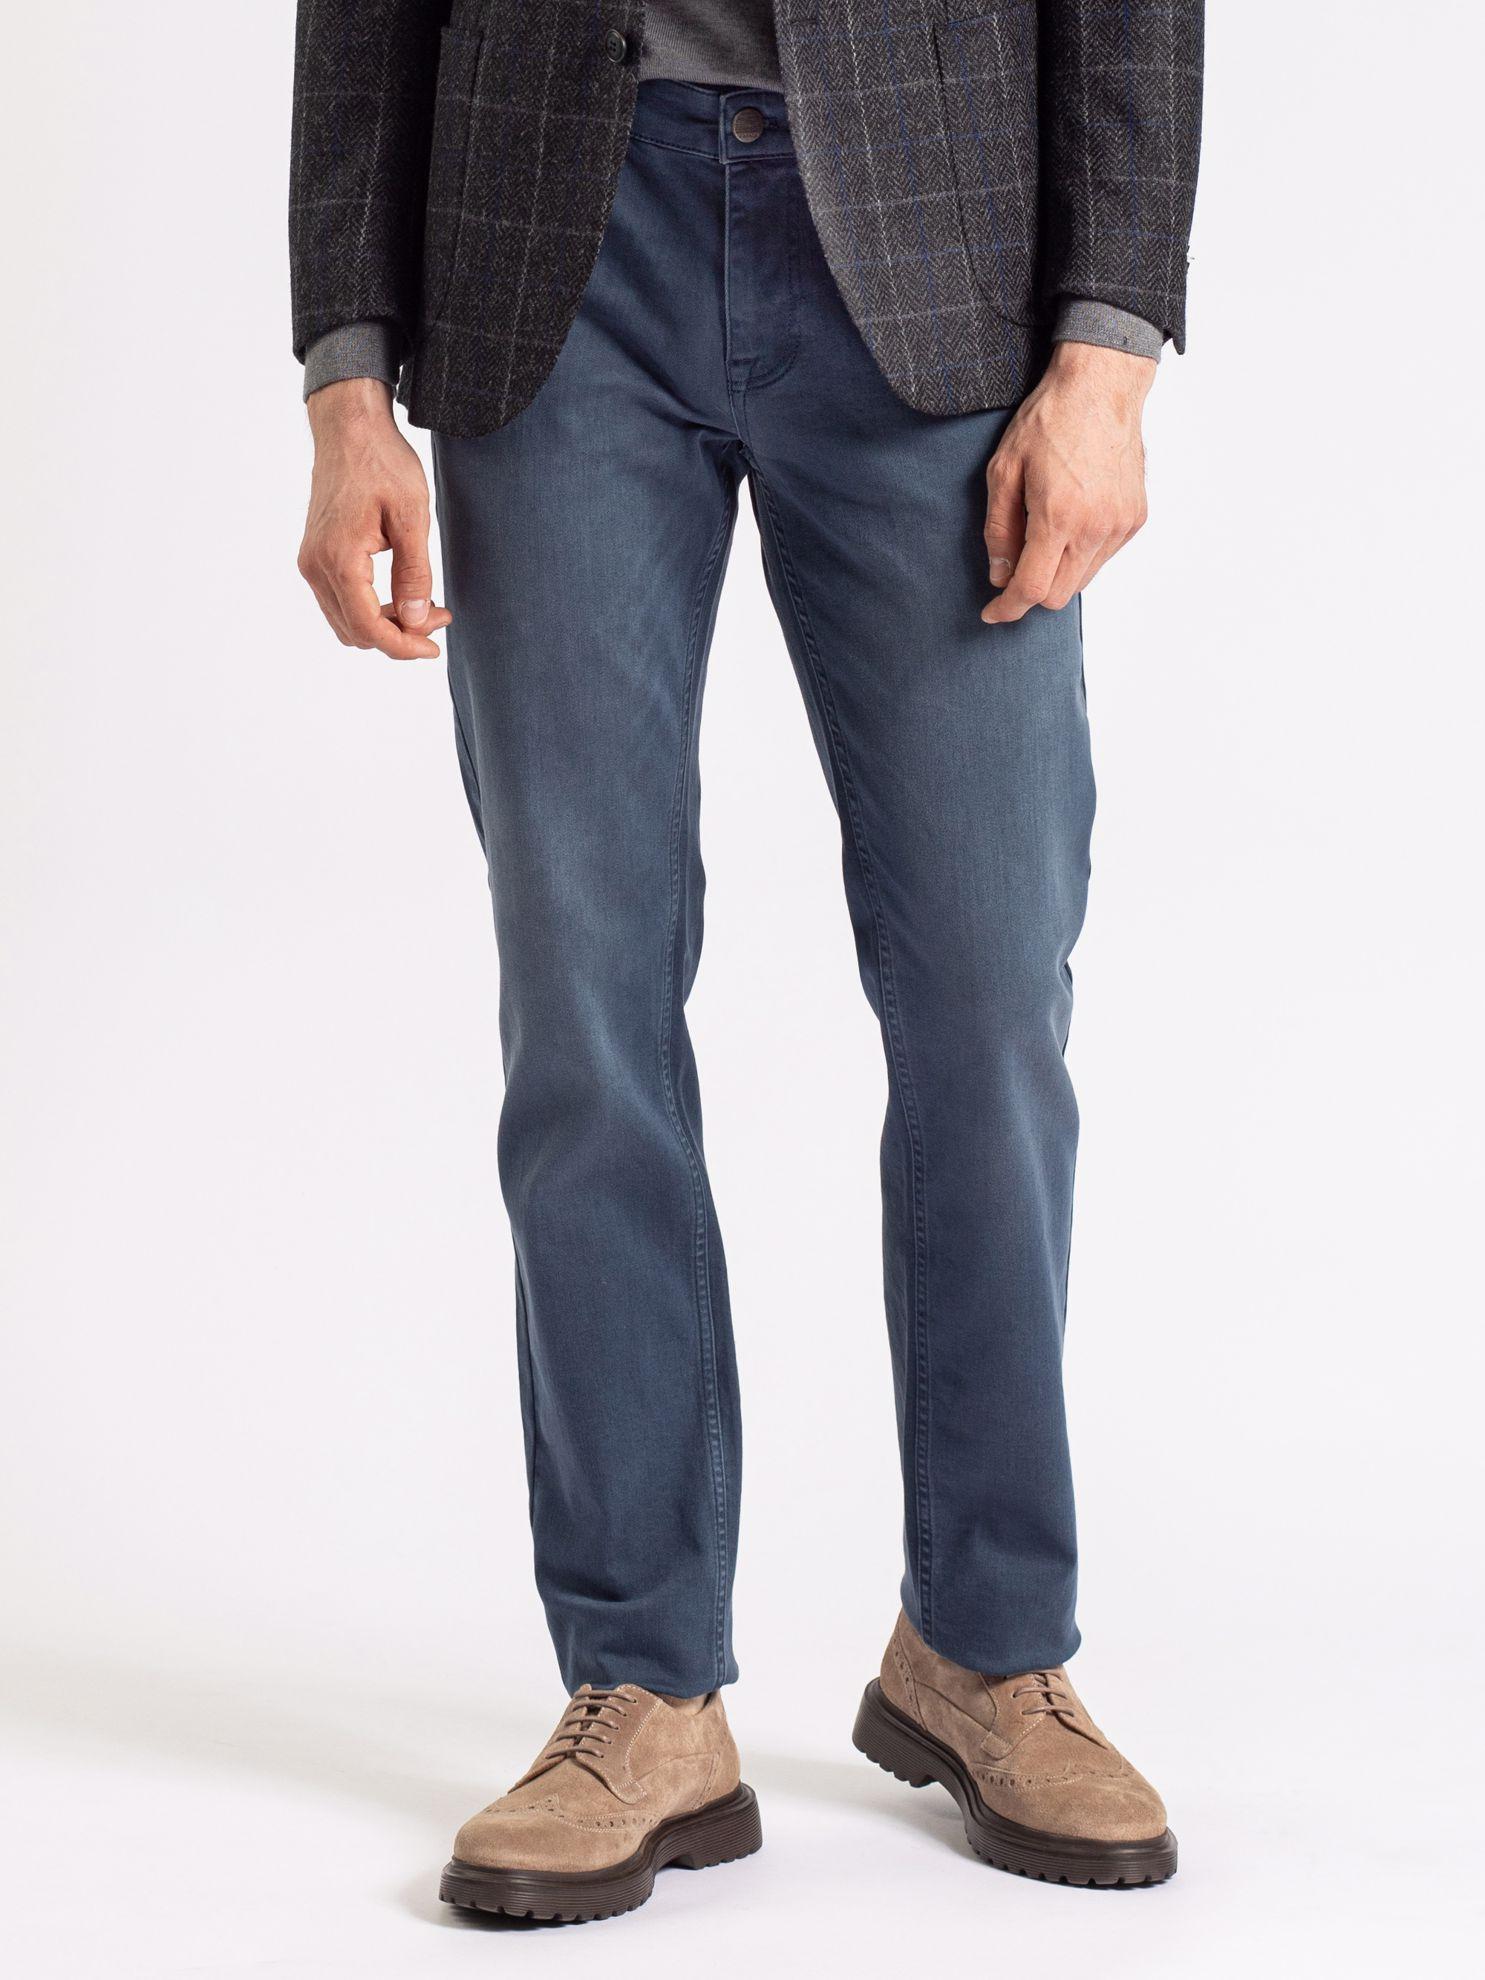 Karaca Erkek Jean-Petrol. ürün görseli